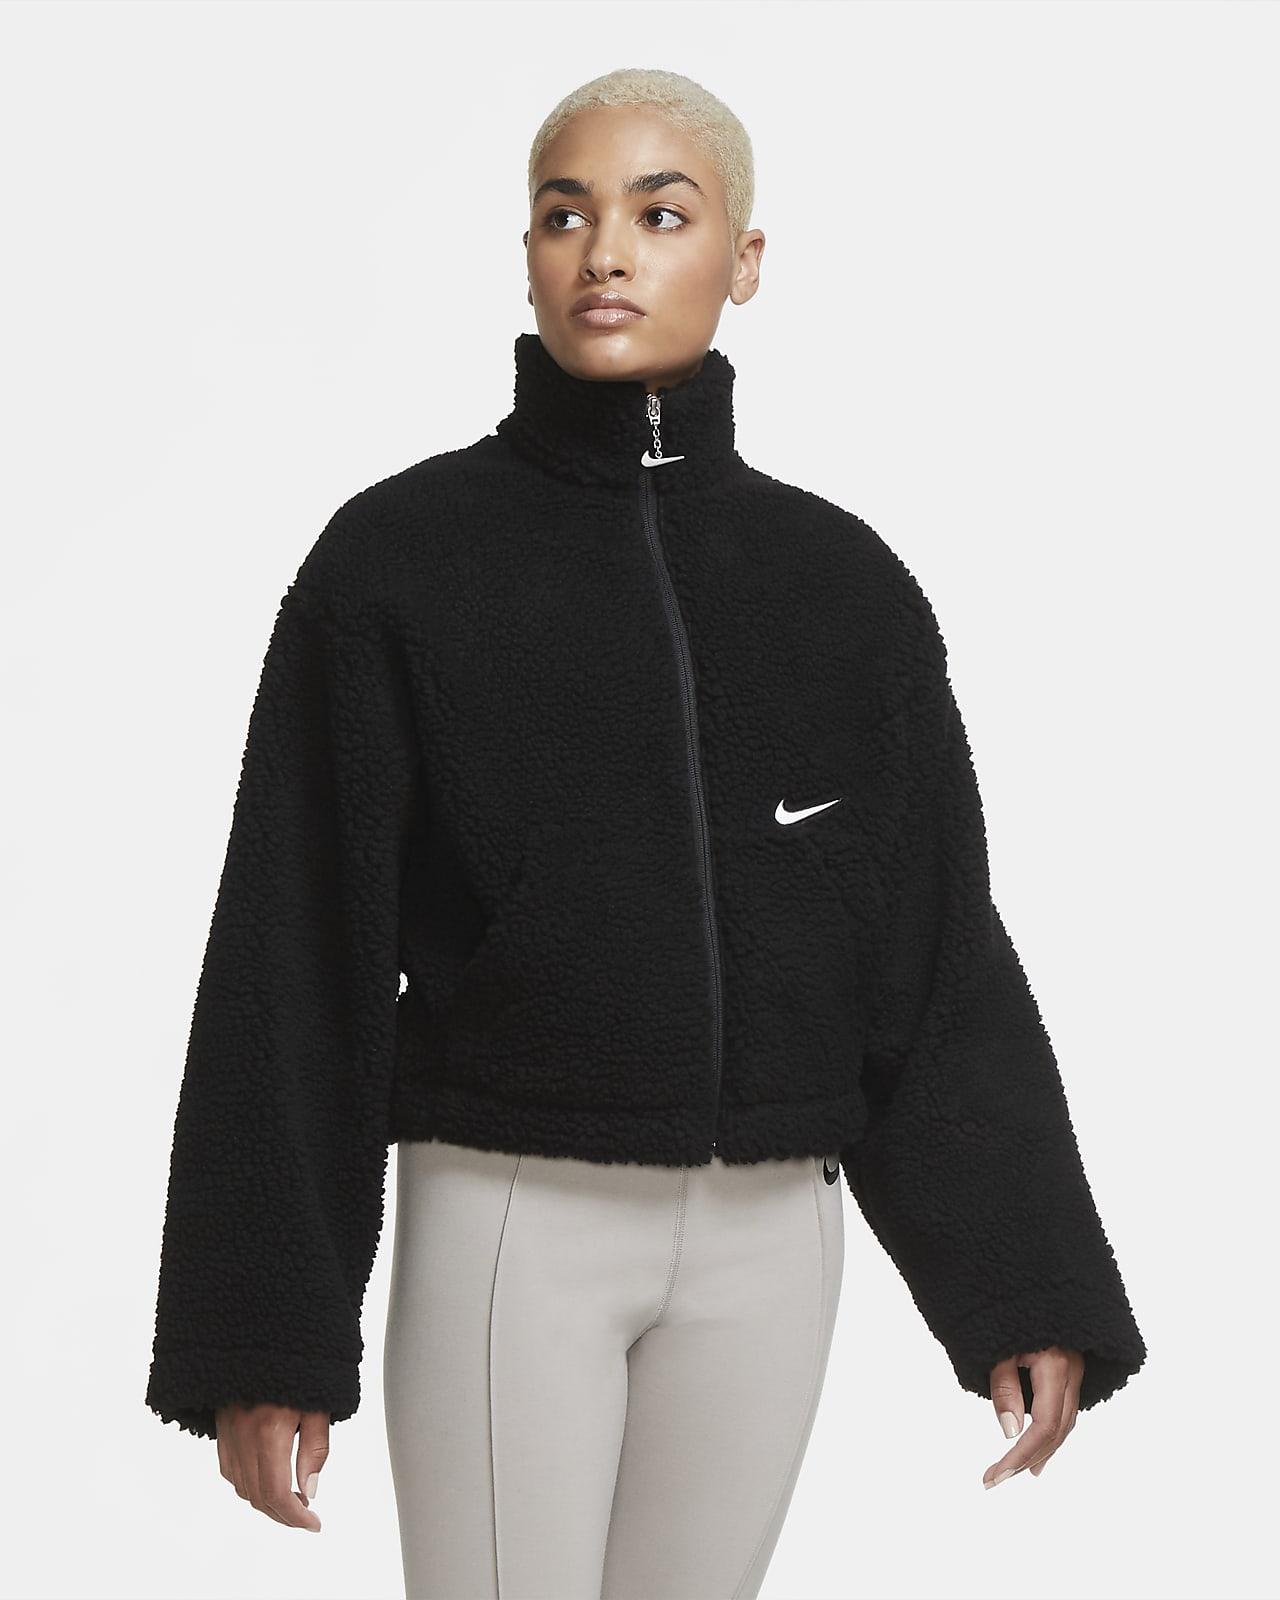 Nike Sportswear Swoosh Kadın Ceketi